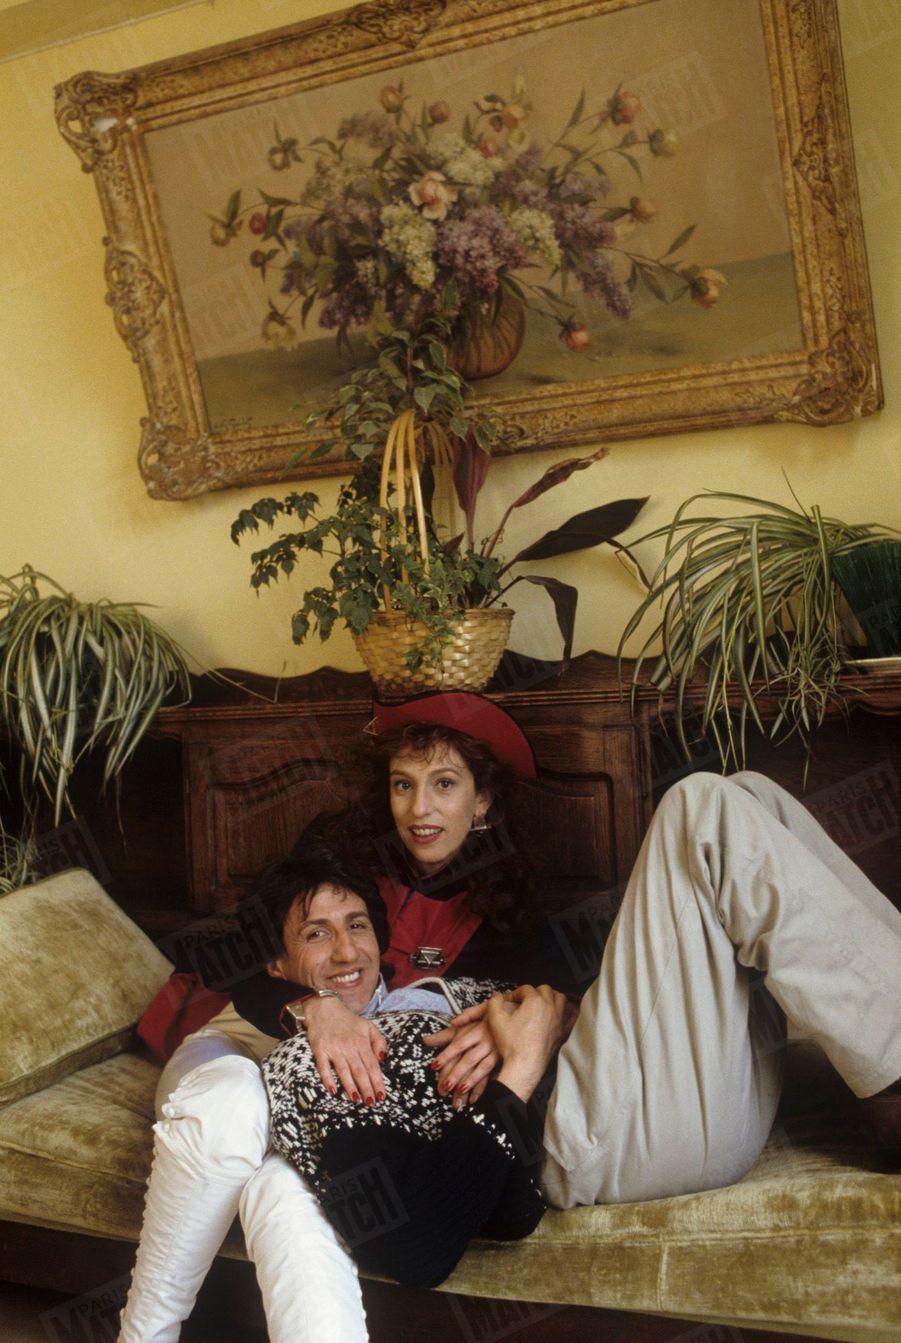 « À Etretat où elle tourne 'L'Accord parfait' de Roger Andrieux, Anémone a retrouvé son partenaire Richard Anconina, dont elle tombe amoureuse...dans le film ! » -Paris Match n°2026, 25 mars 1988.